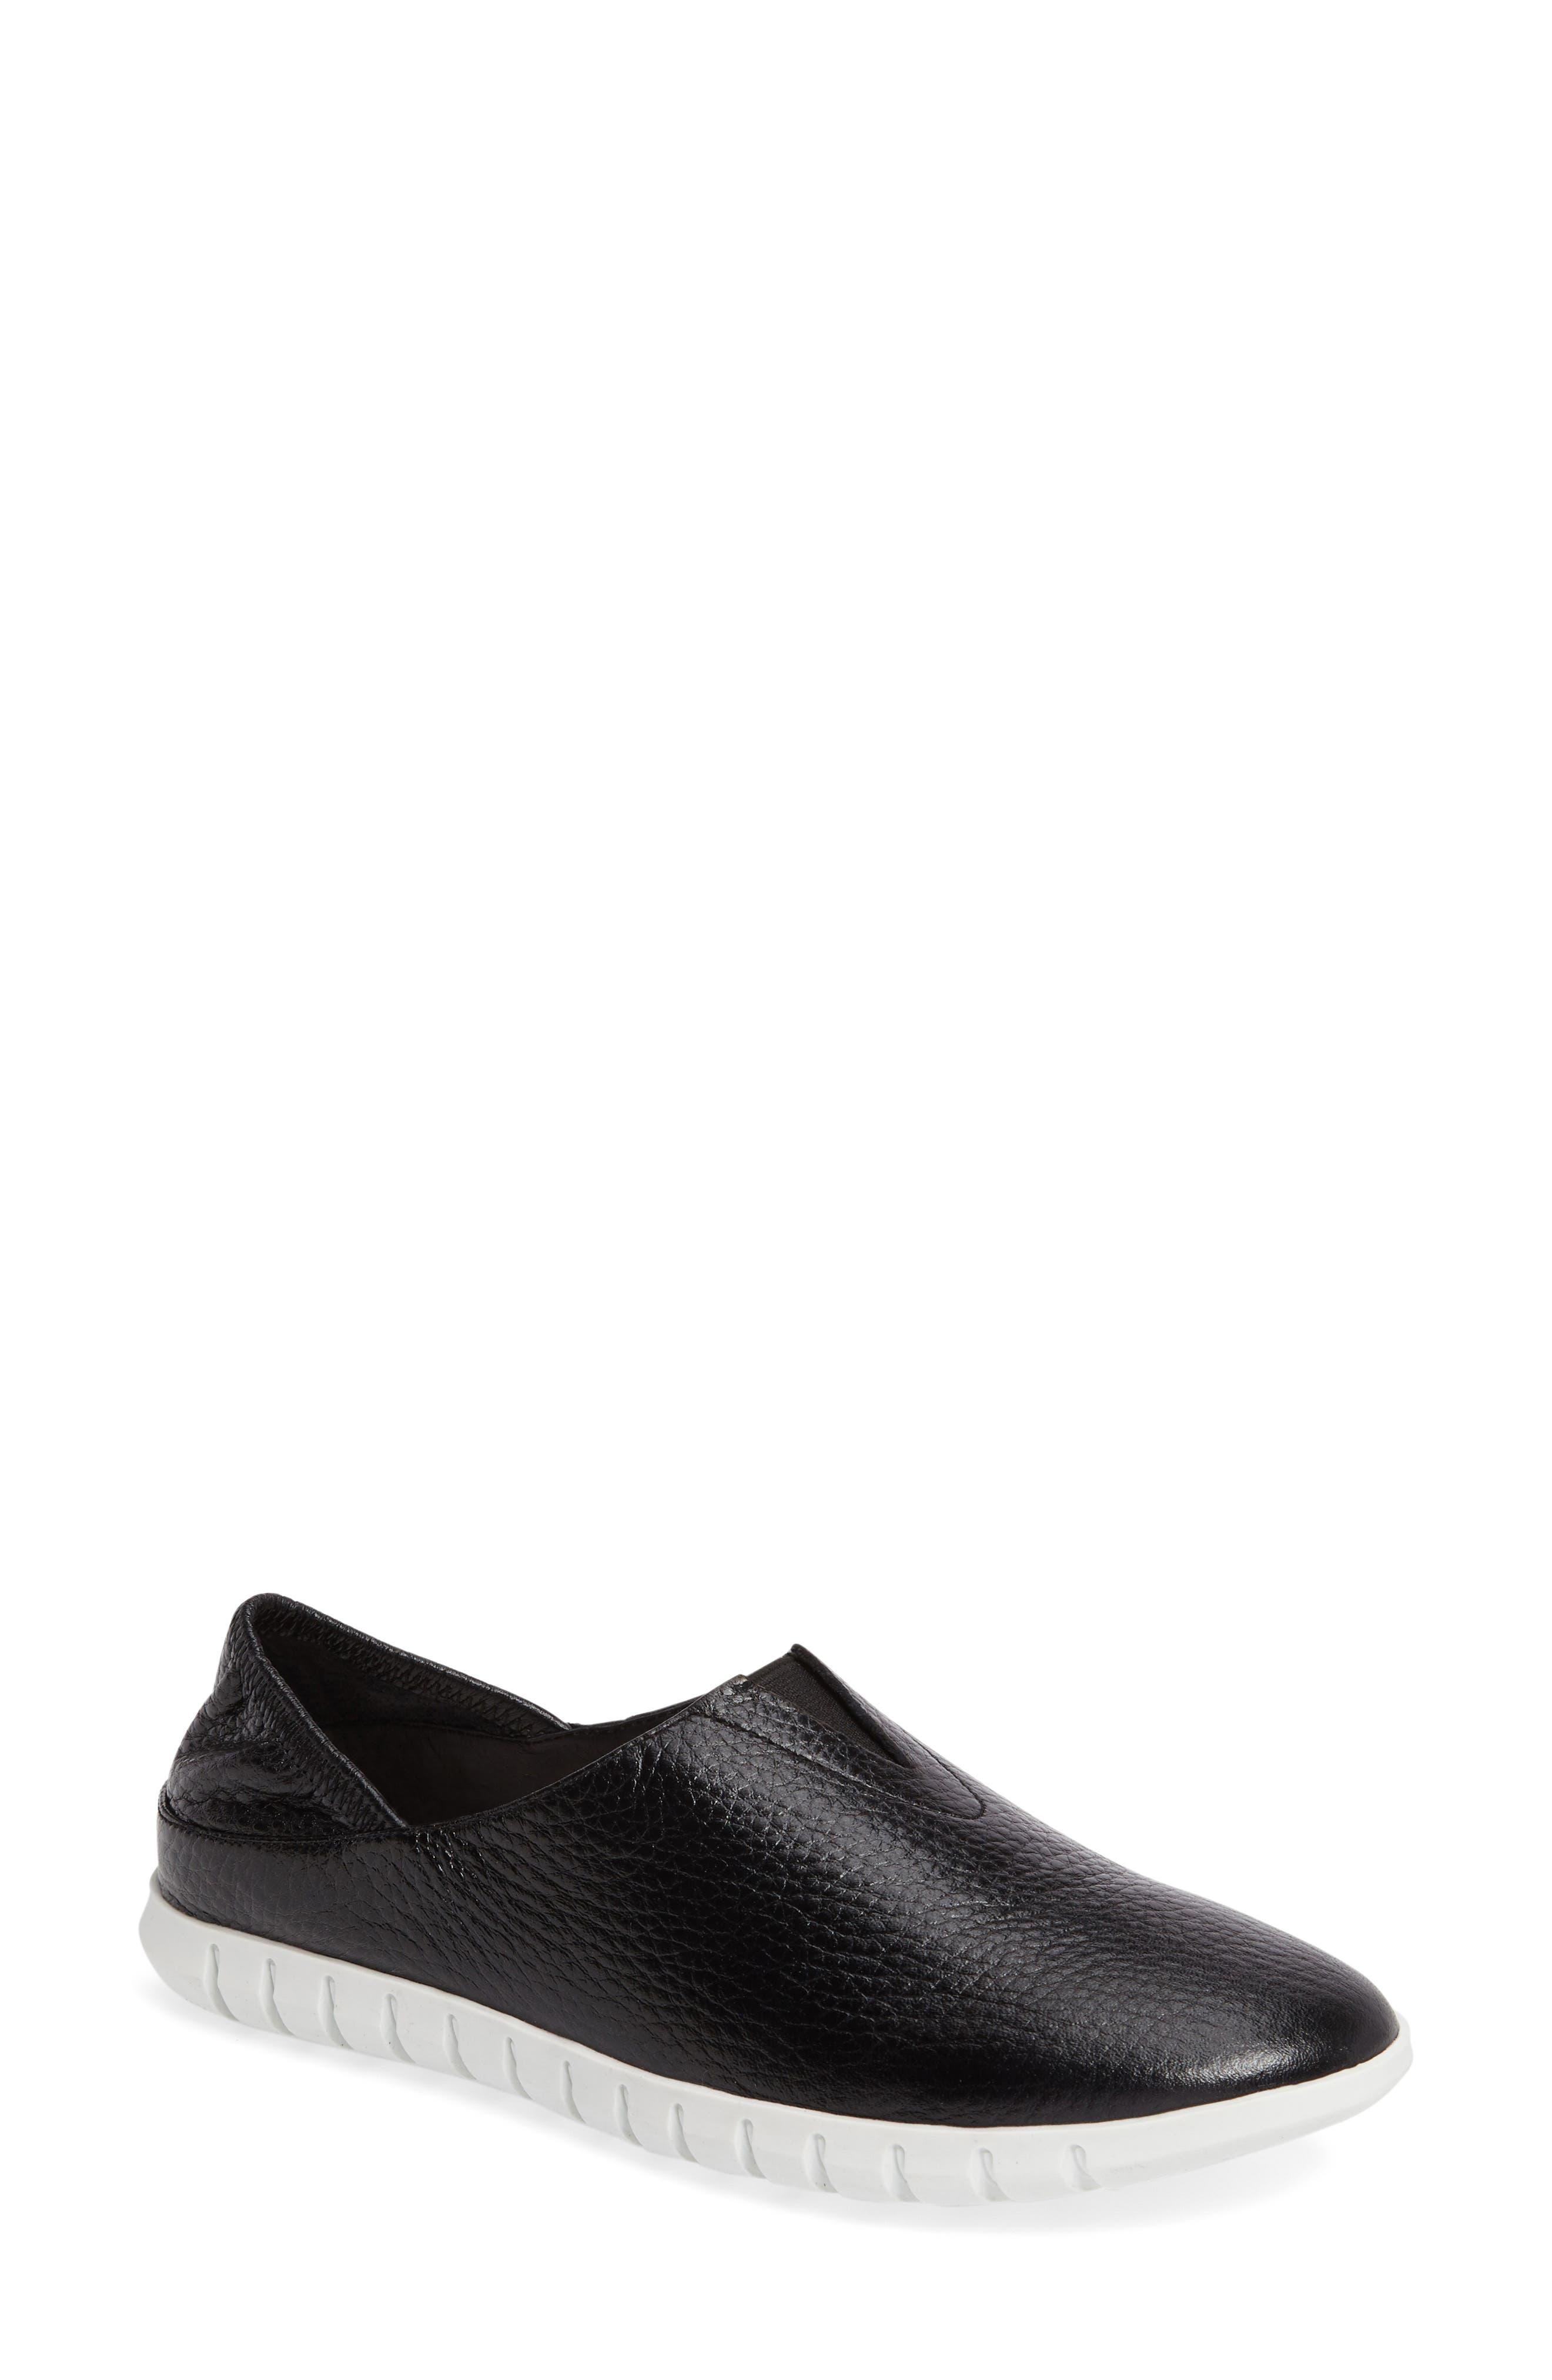 Kim Slip-On Sneaker,                             Main thumbnail 1, color,                             Black Leather